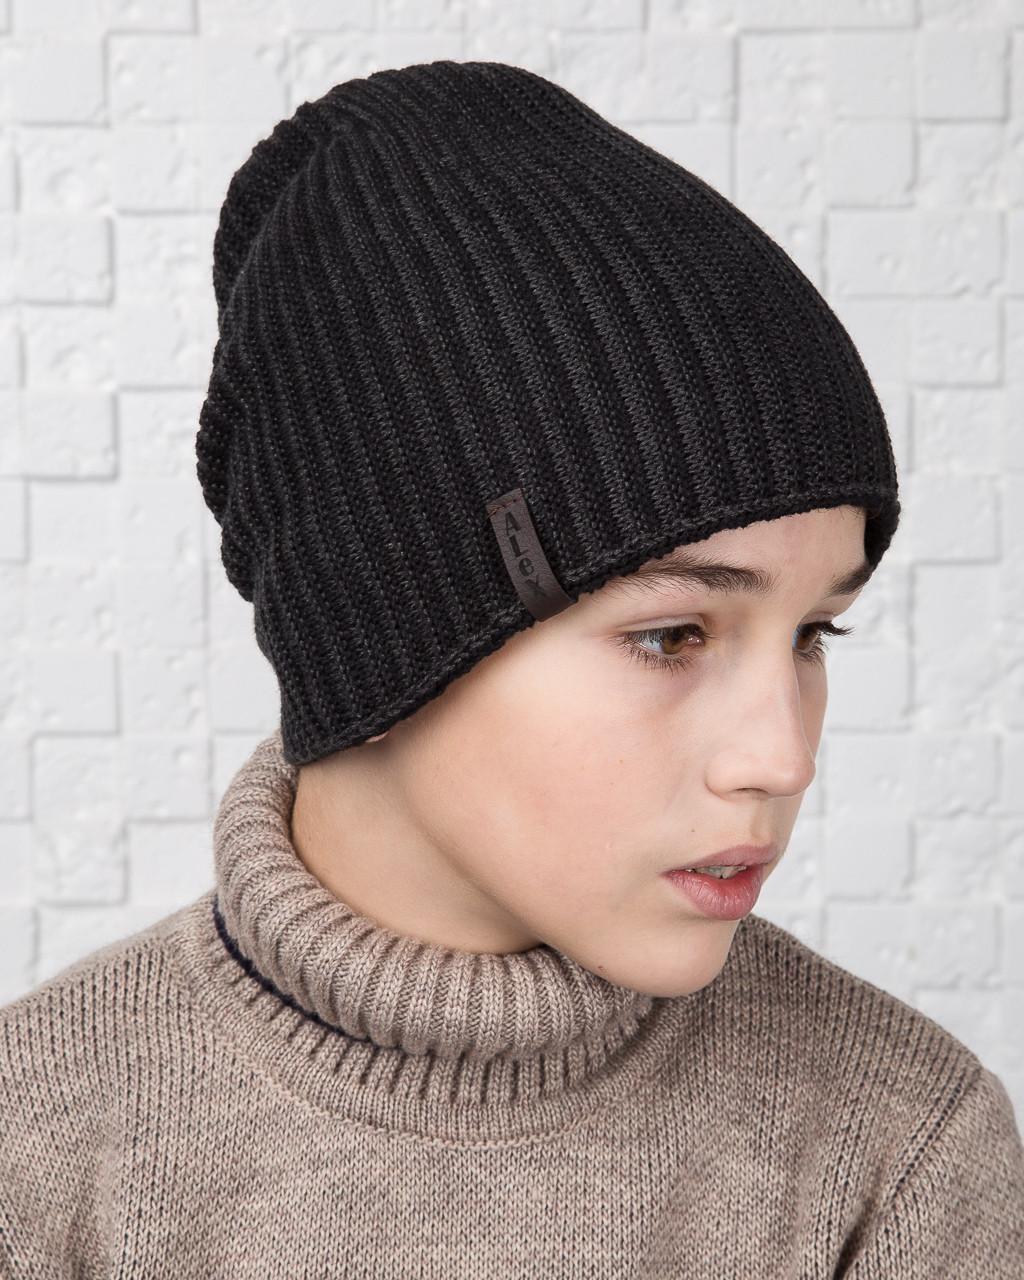 Вязаная удлиненная двусторонняя шапка на флисе для мальчика - Артикул AL17035